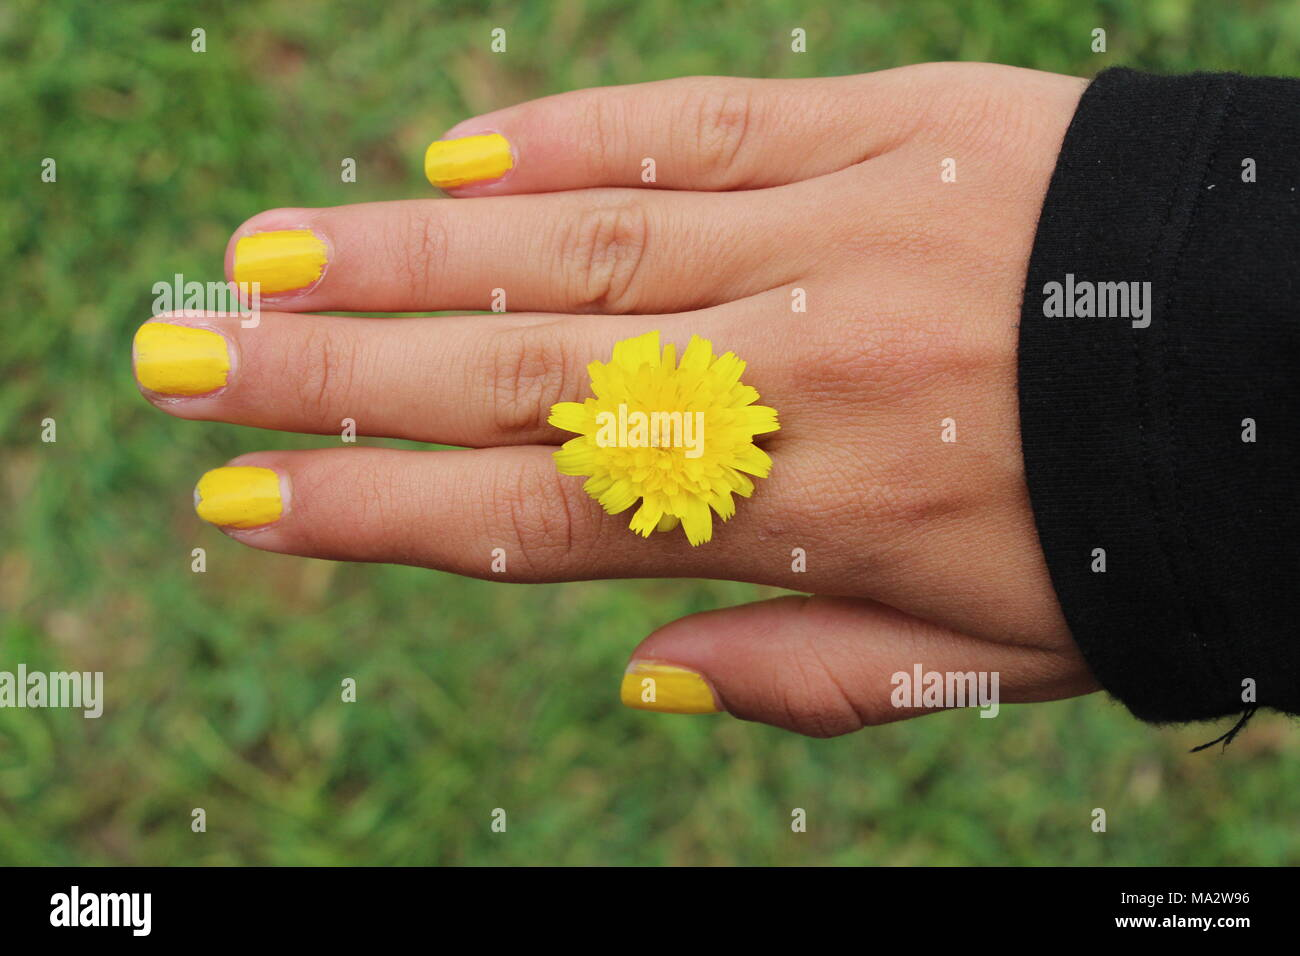 Lujoso Pálido Esmalte De Uñas De Color Amarillo Fotos - Ideas de ...